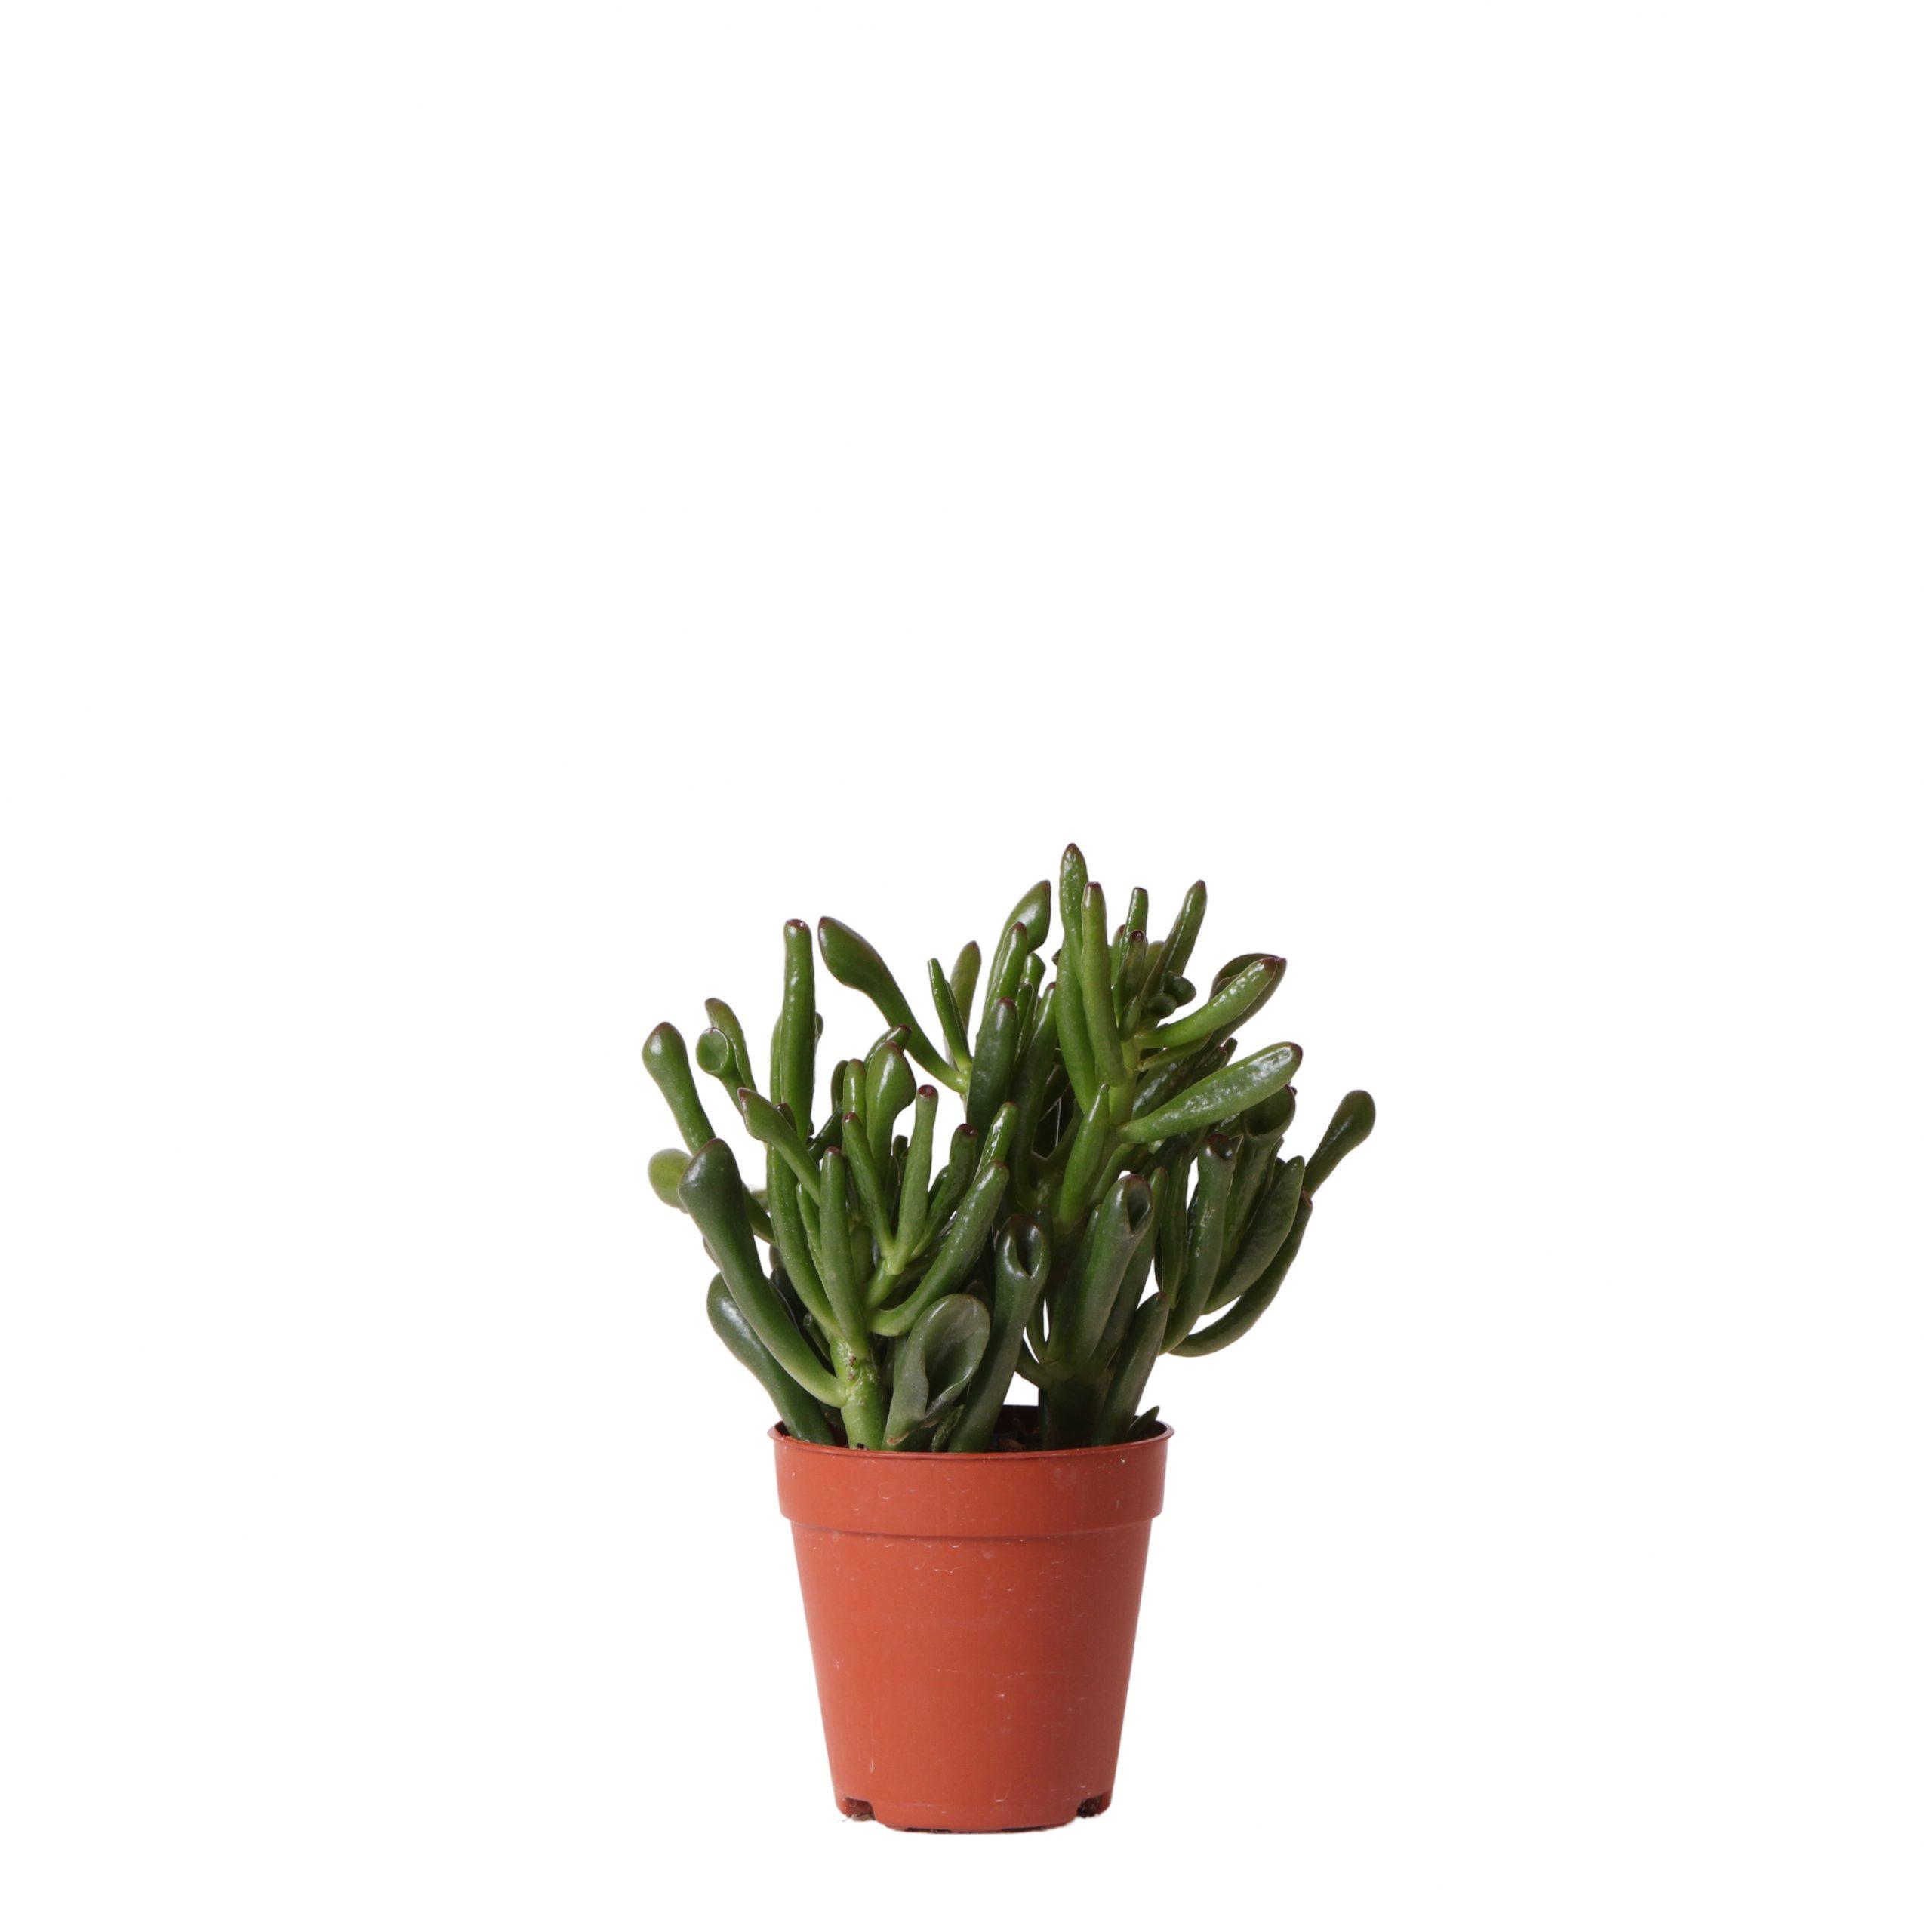 Kolibri Greens Succulents Crassula hobbit 9cm